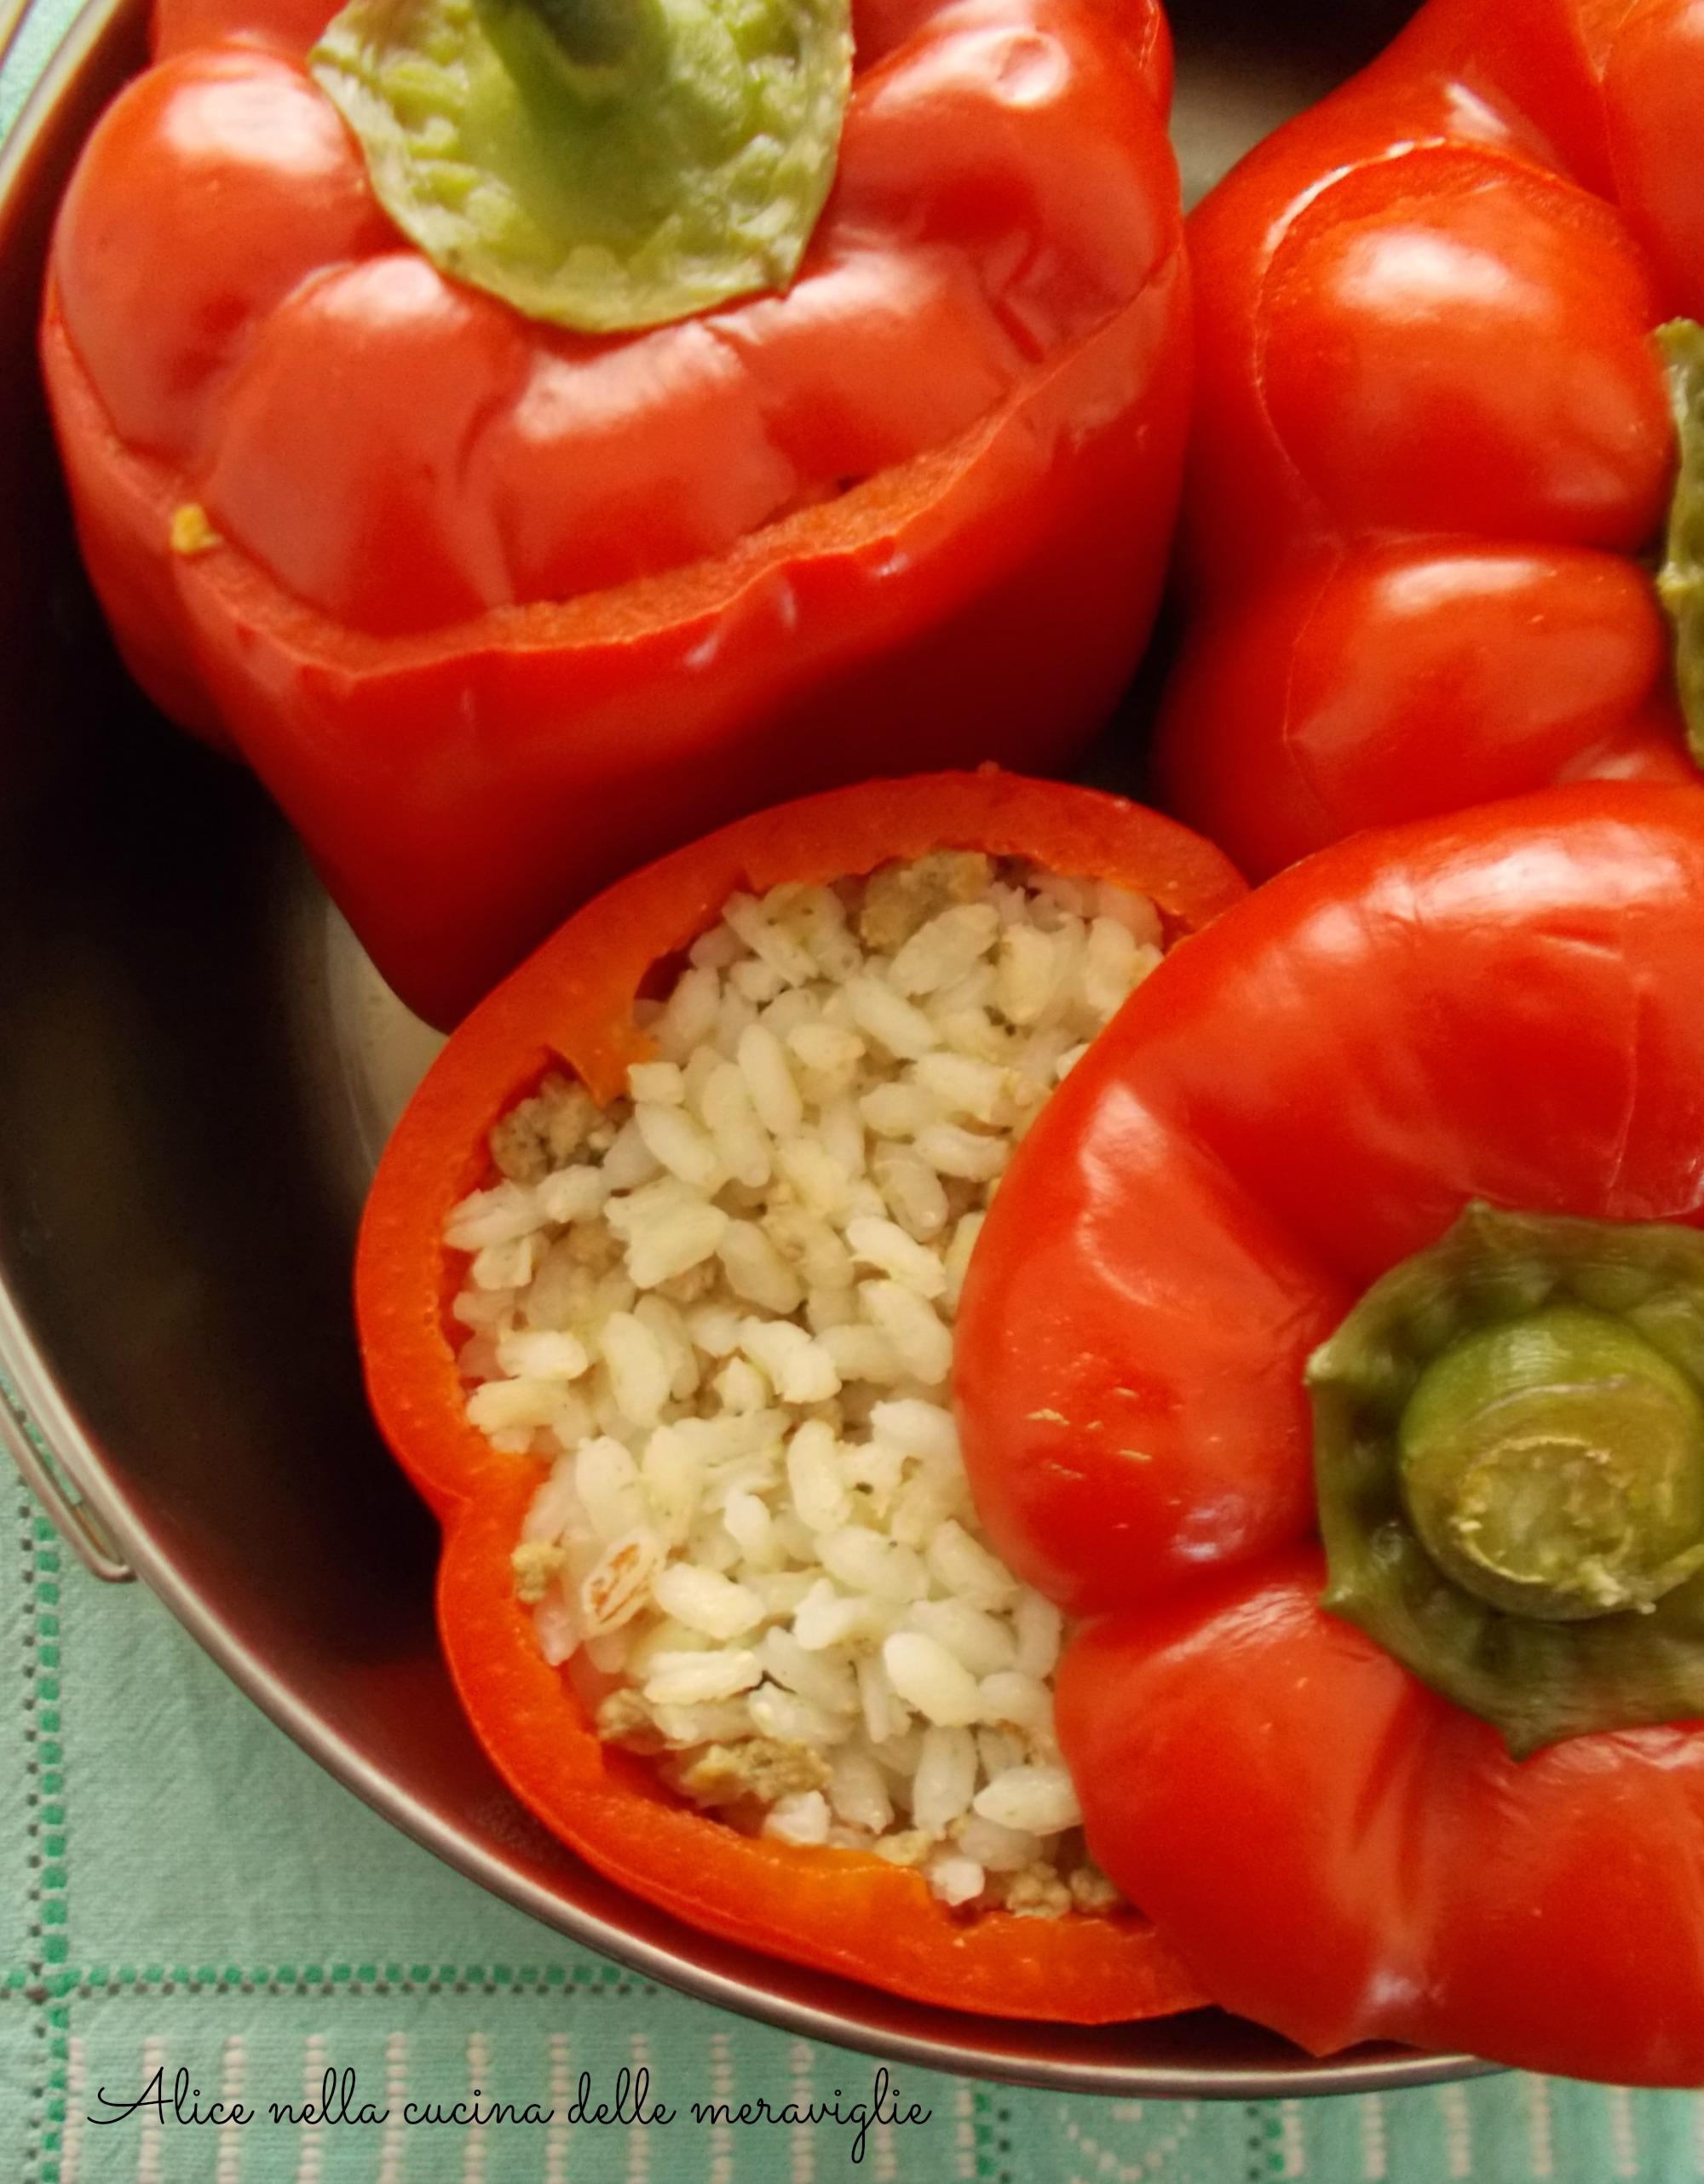 Peperoni ripieni di riso e carne Ricetta con cottura in pentola a pressione Alice nella cucina delle meraviglie